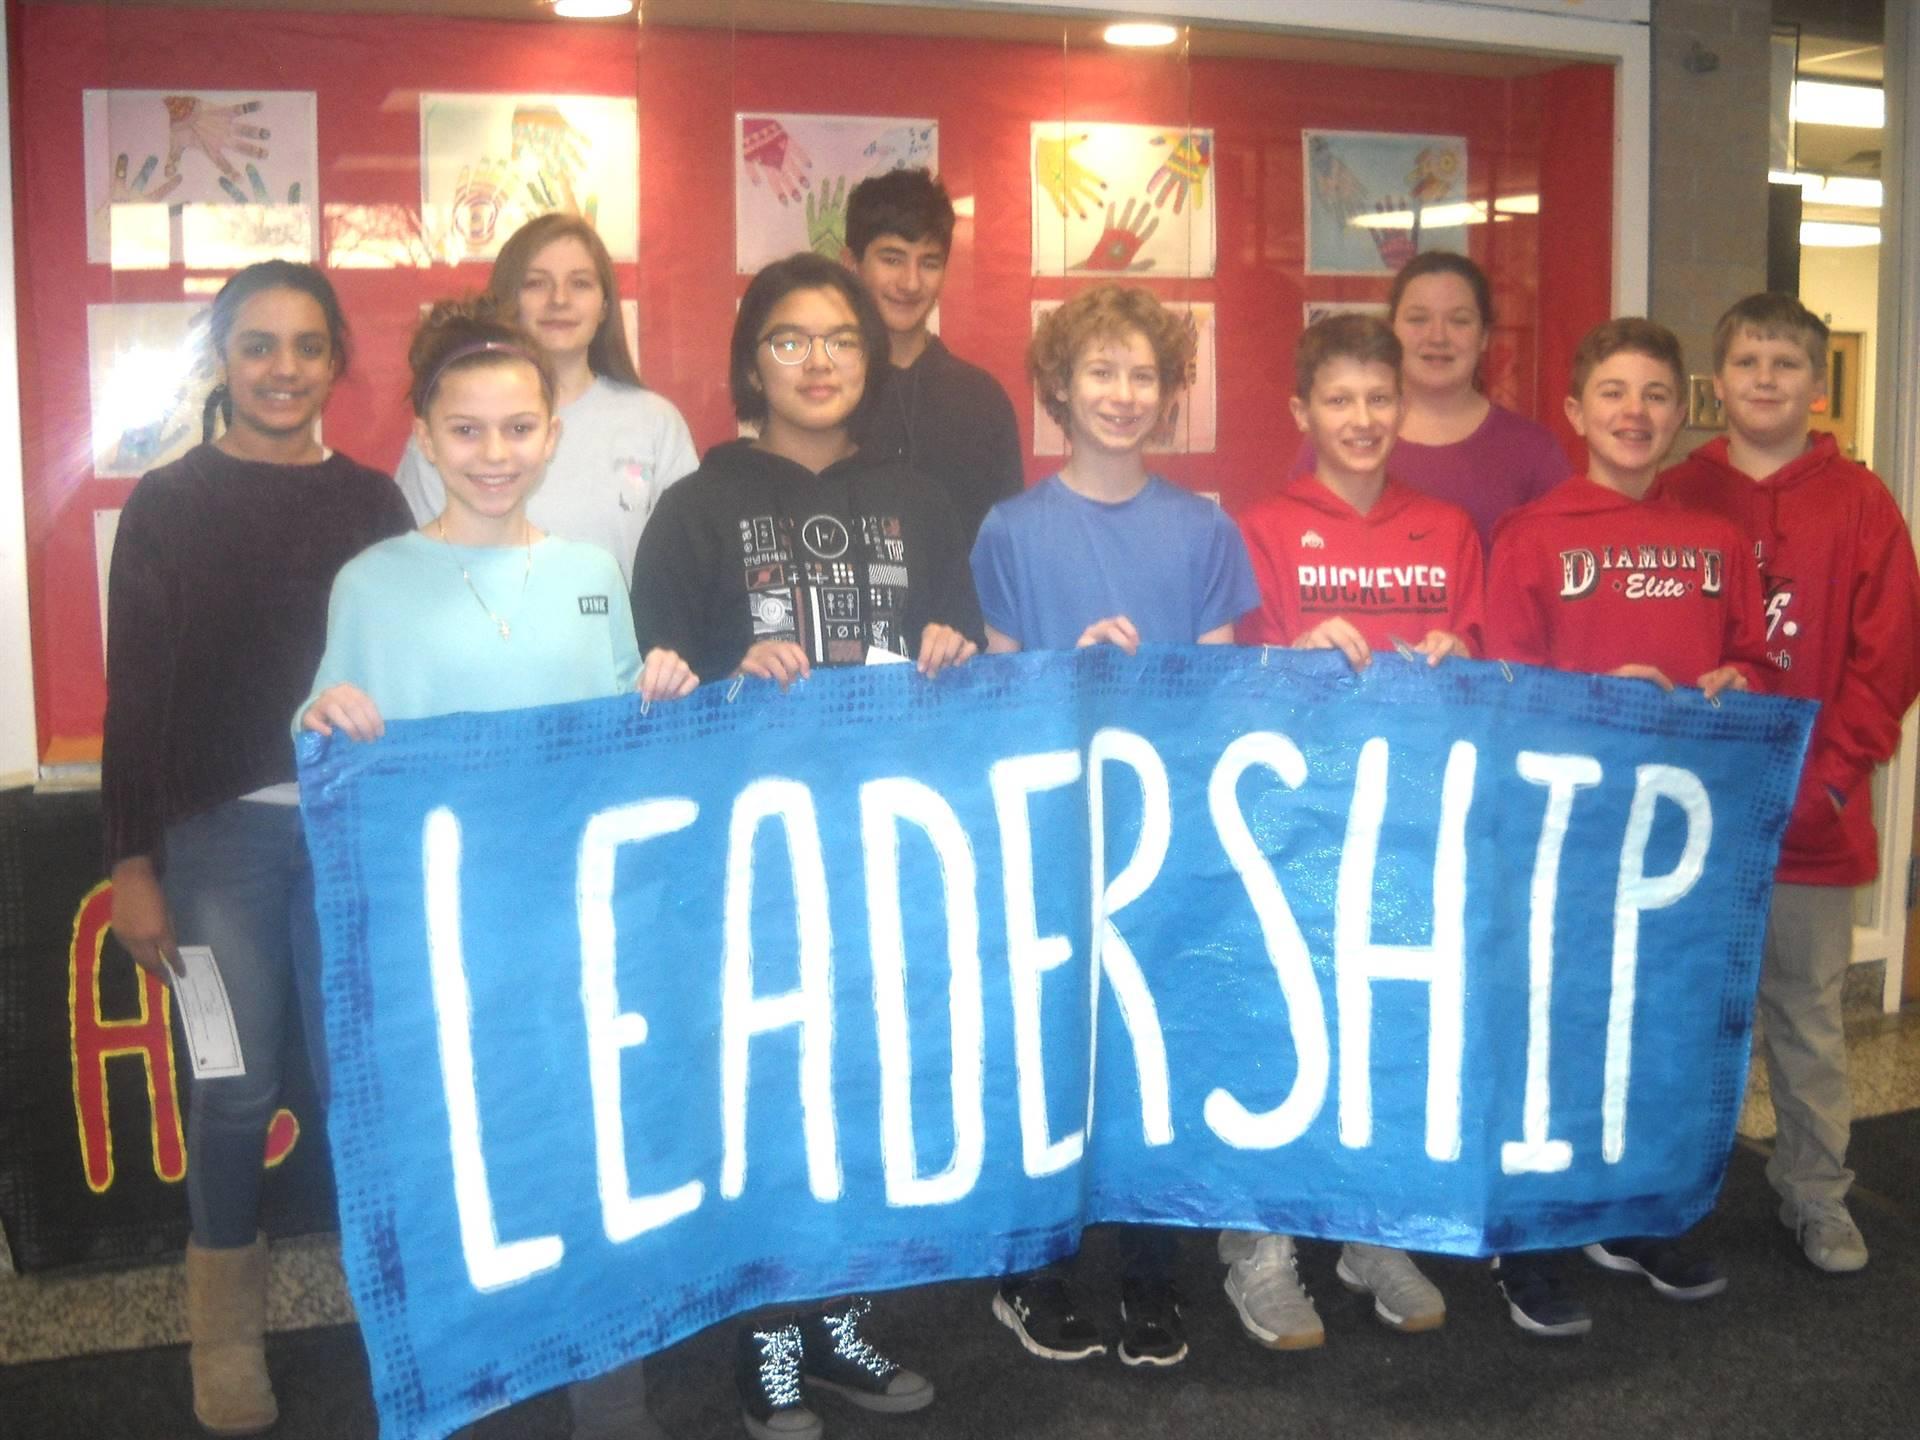 leadership all